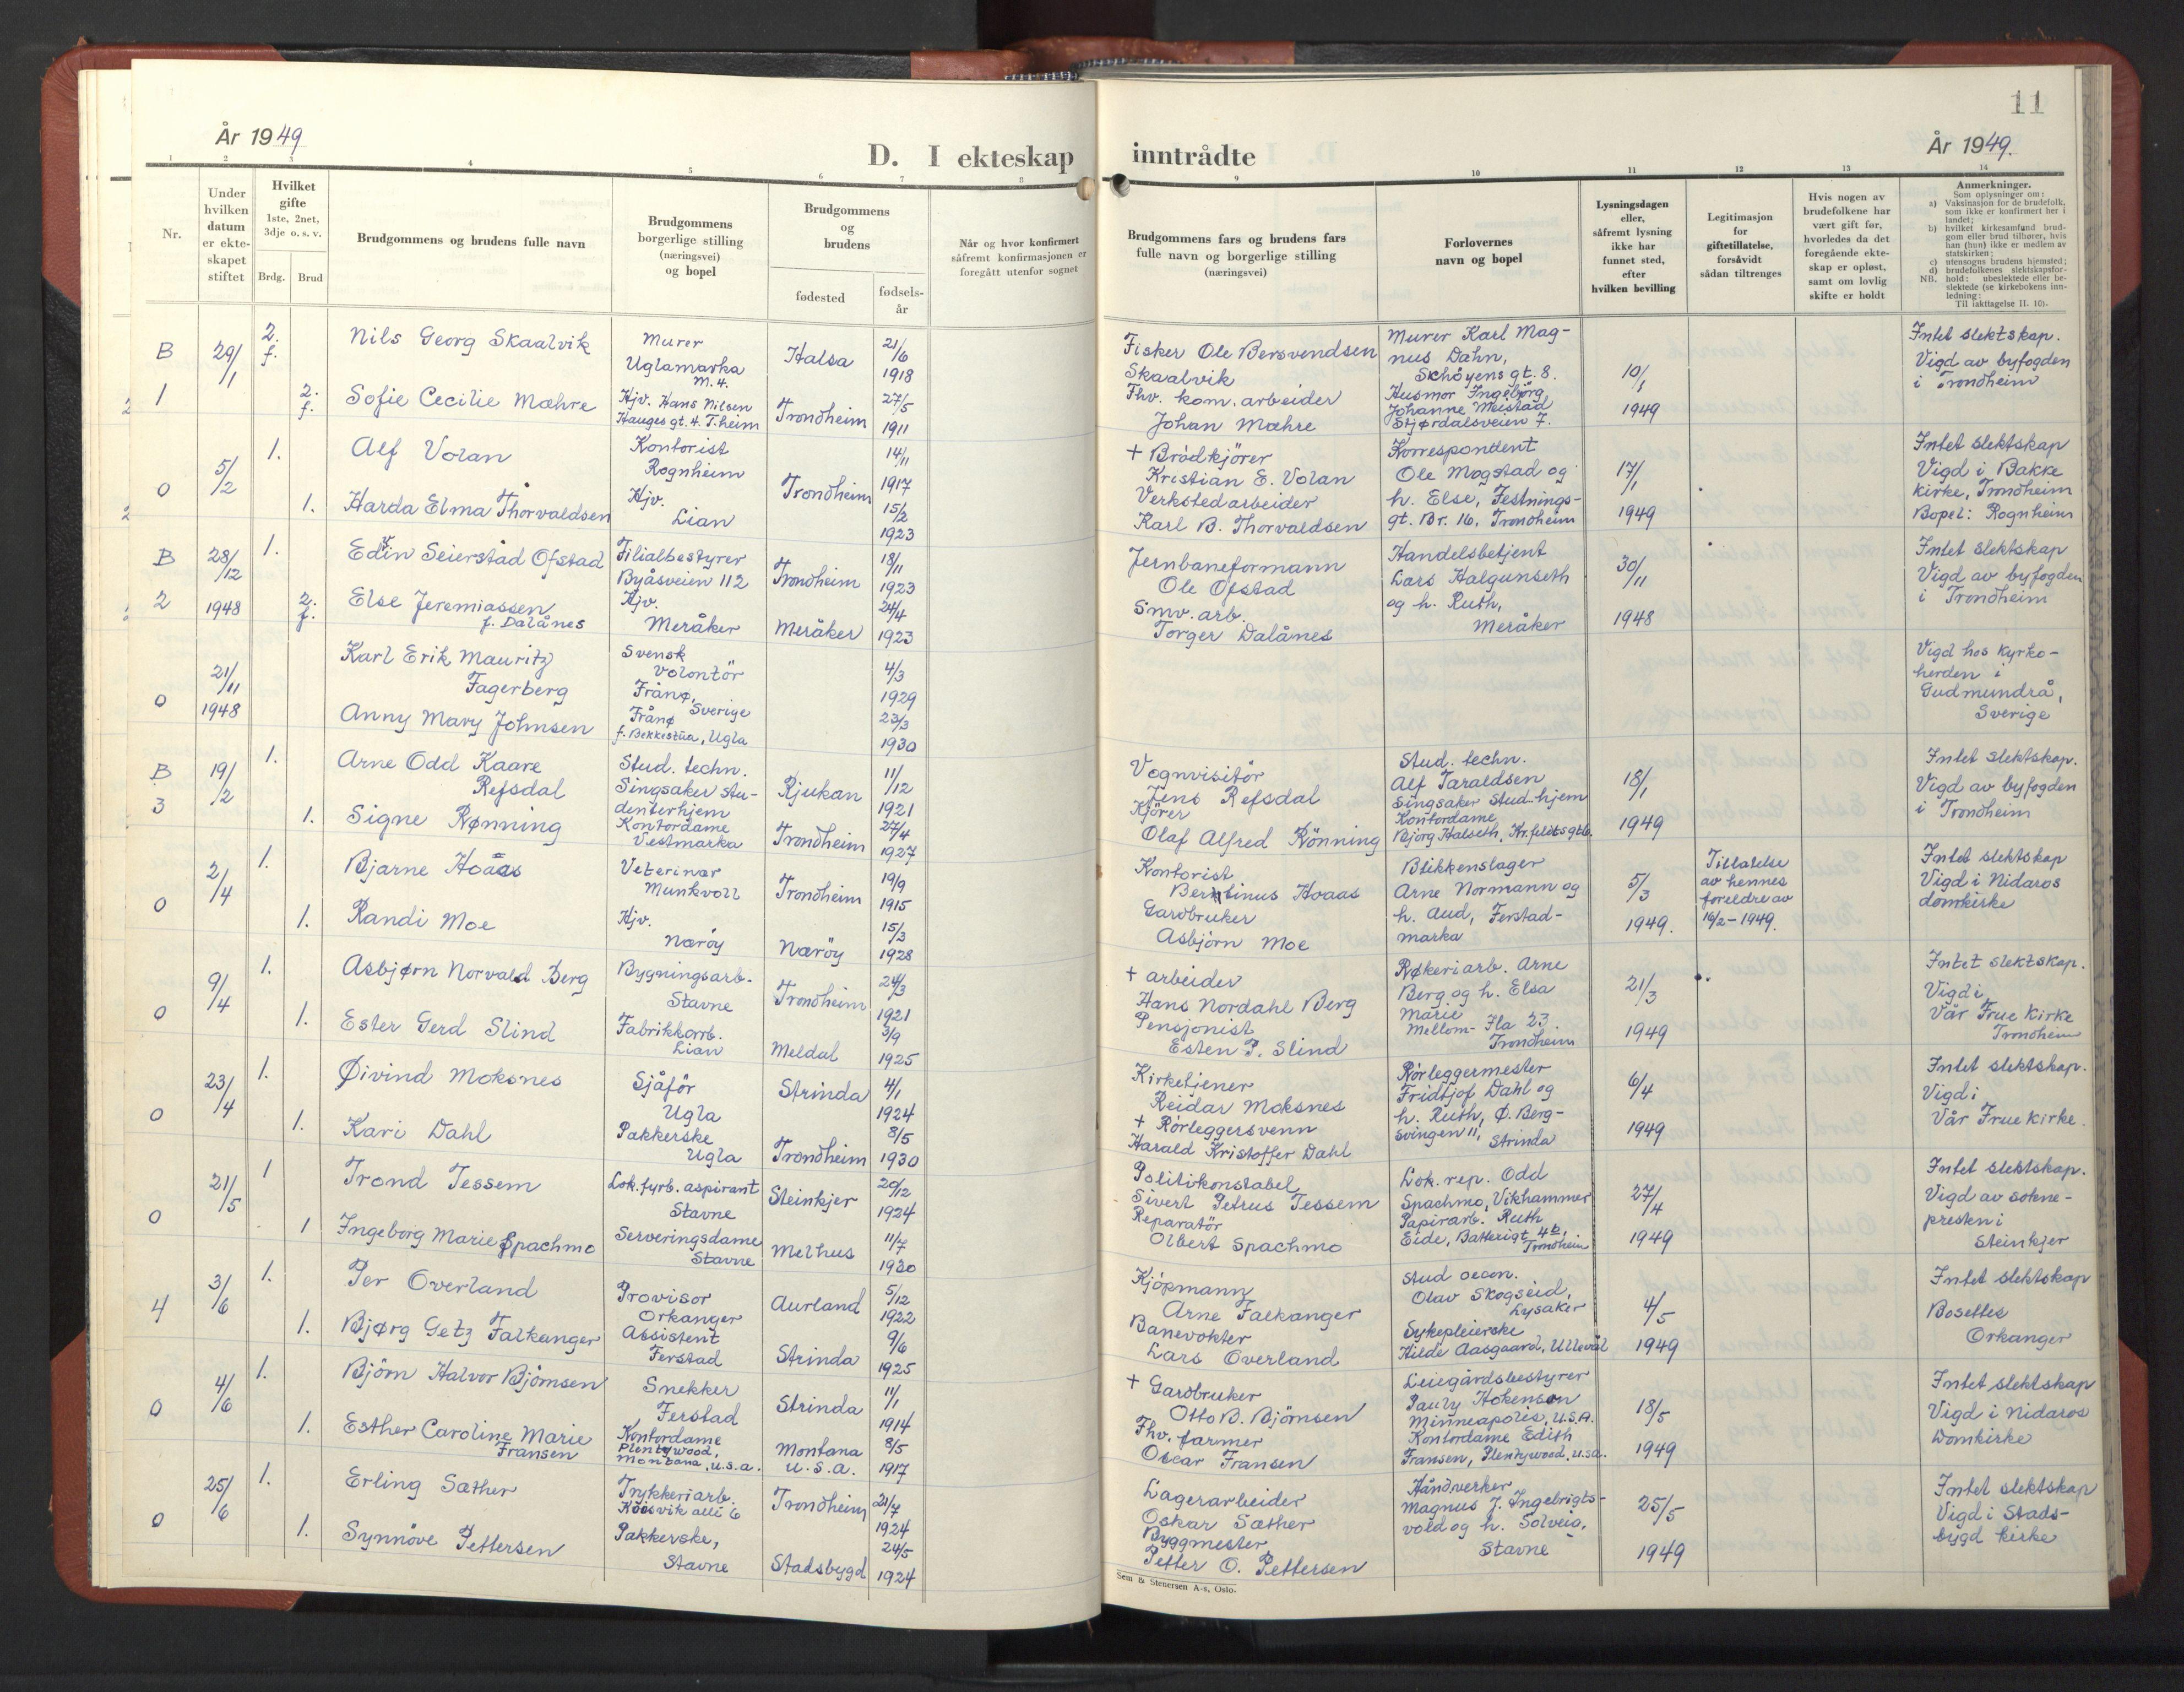 SAT, Ministerialprotokoller, klokkerbøker og fødselsregistre - Sør-Trøndelag, 611/L0359: Klokkerbok nr. 611C07, 1947-1950, s. 11